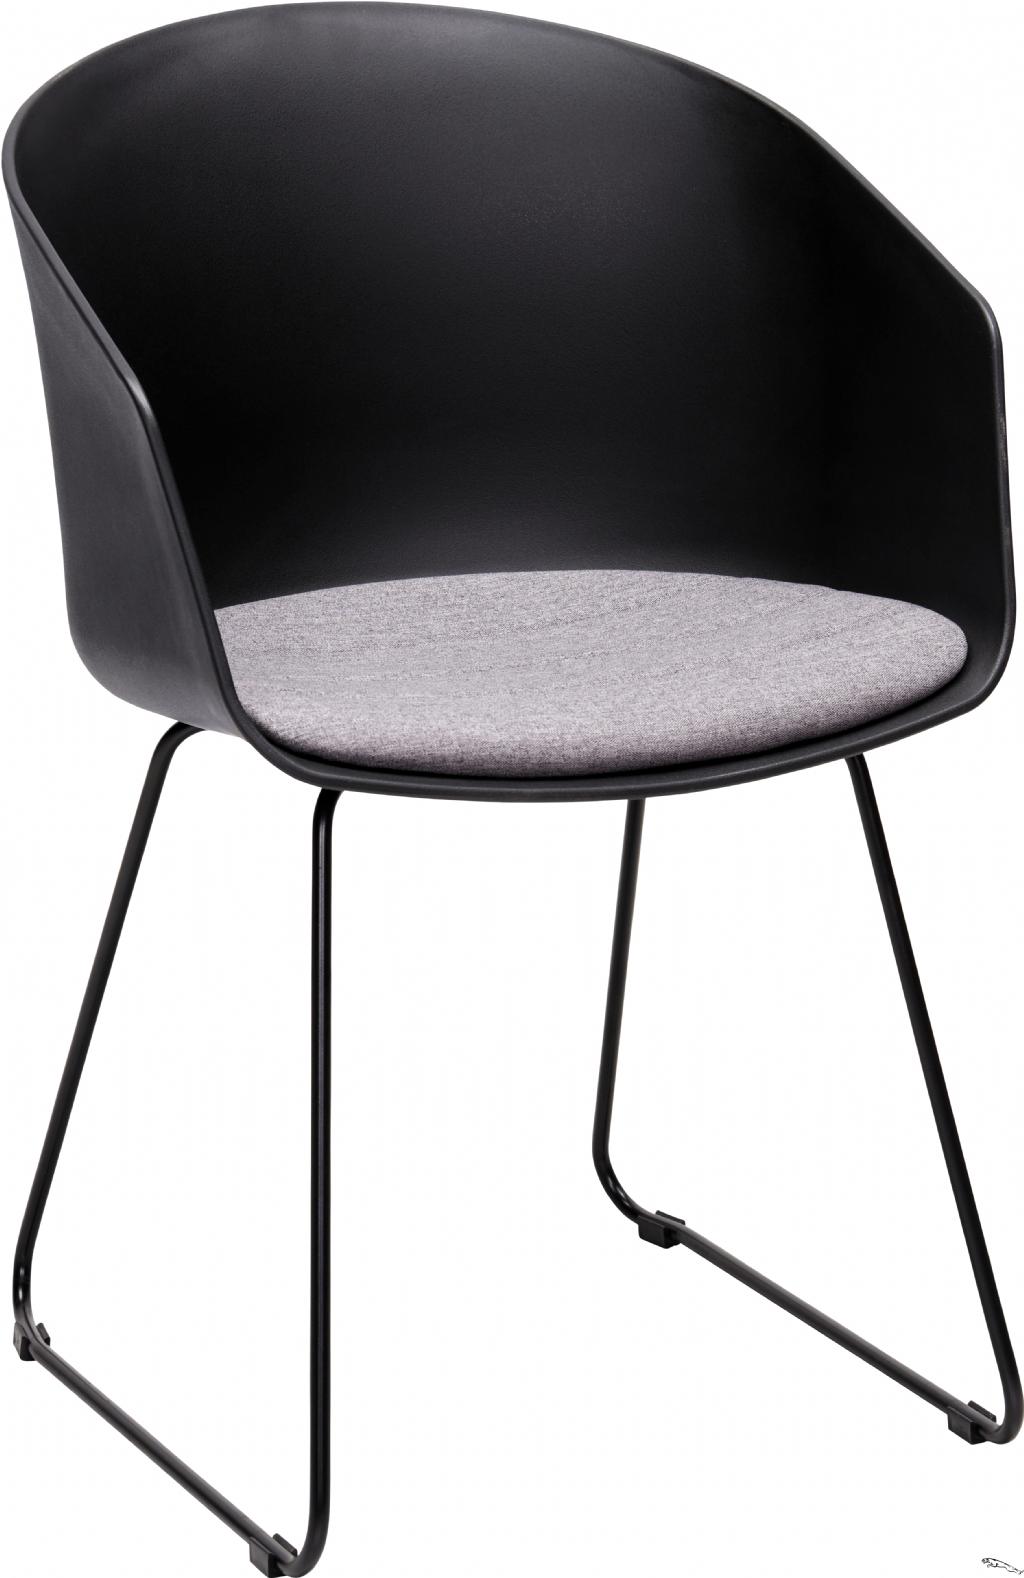 Armlehnstuhl Grau Schwarz Esszimmerstuhl Schwarz Esszimmerstuhle In 2020 Modern Sectional Fabric Sofa Furniture